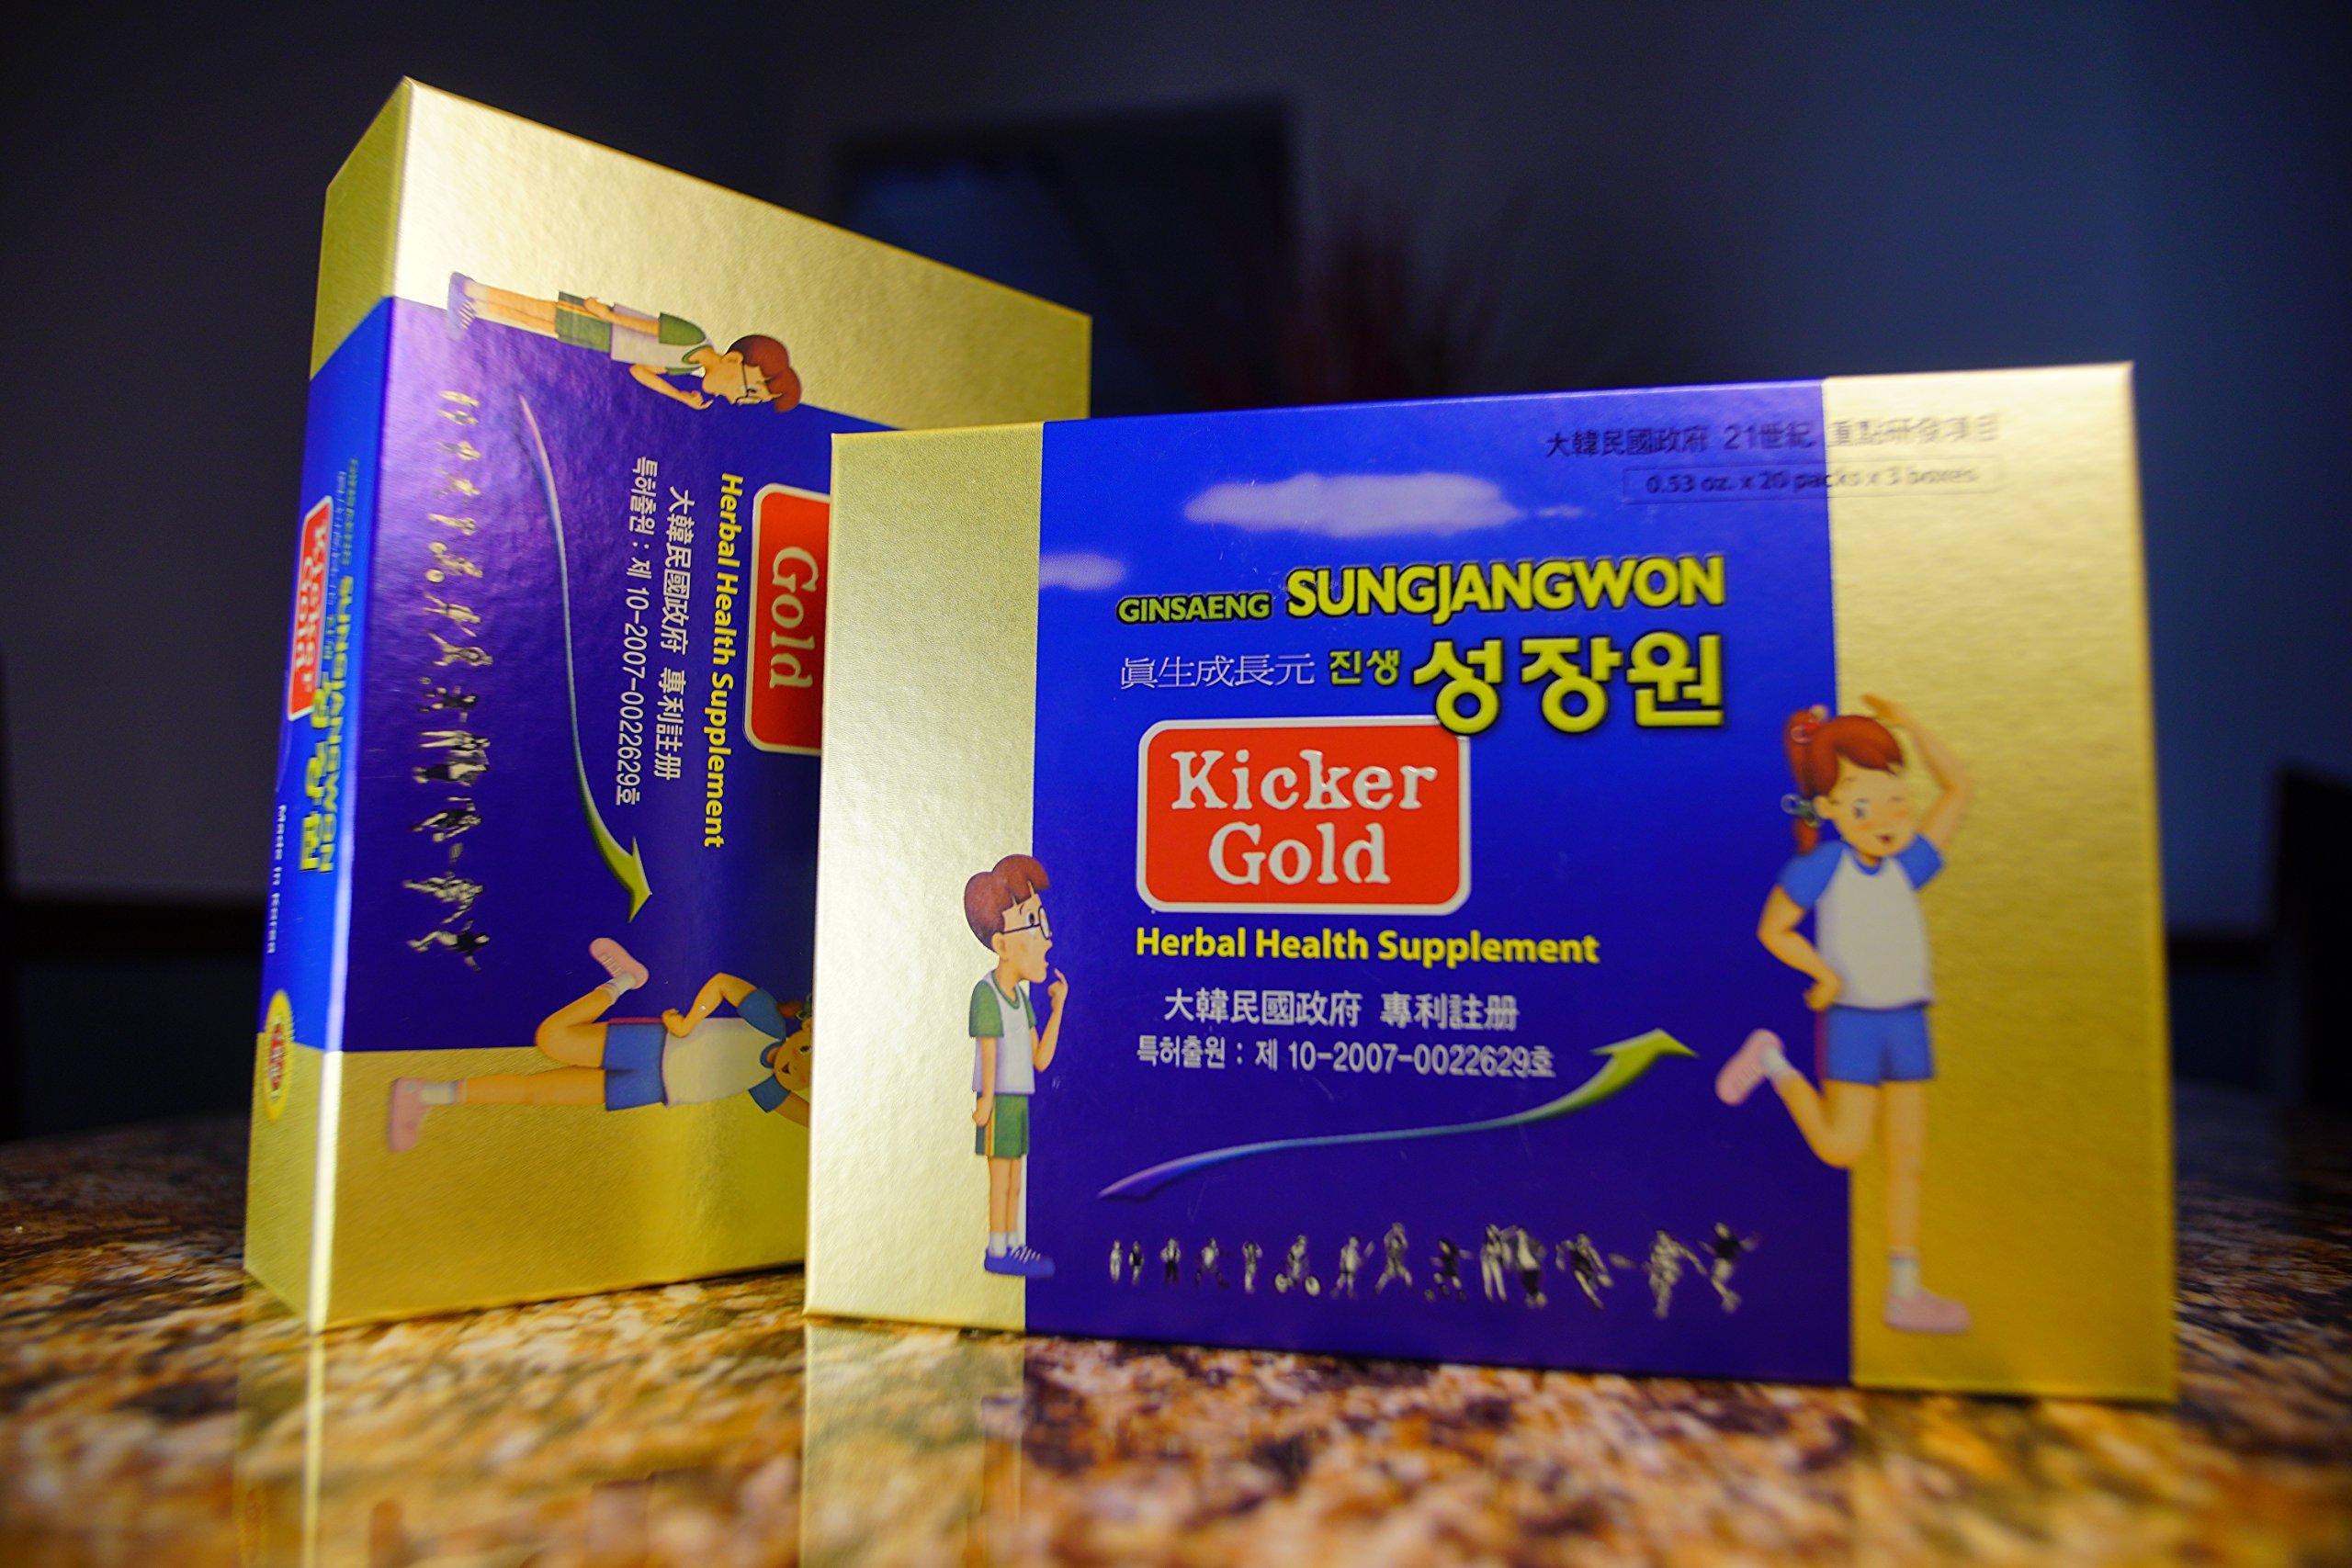 Ginsaeng Sungjangwon Kicker Gold